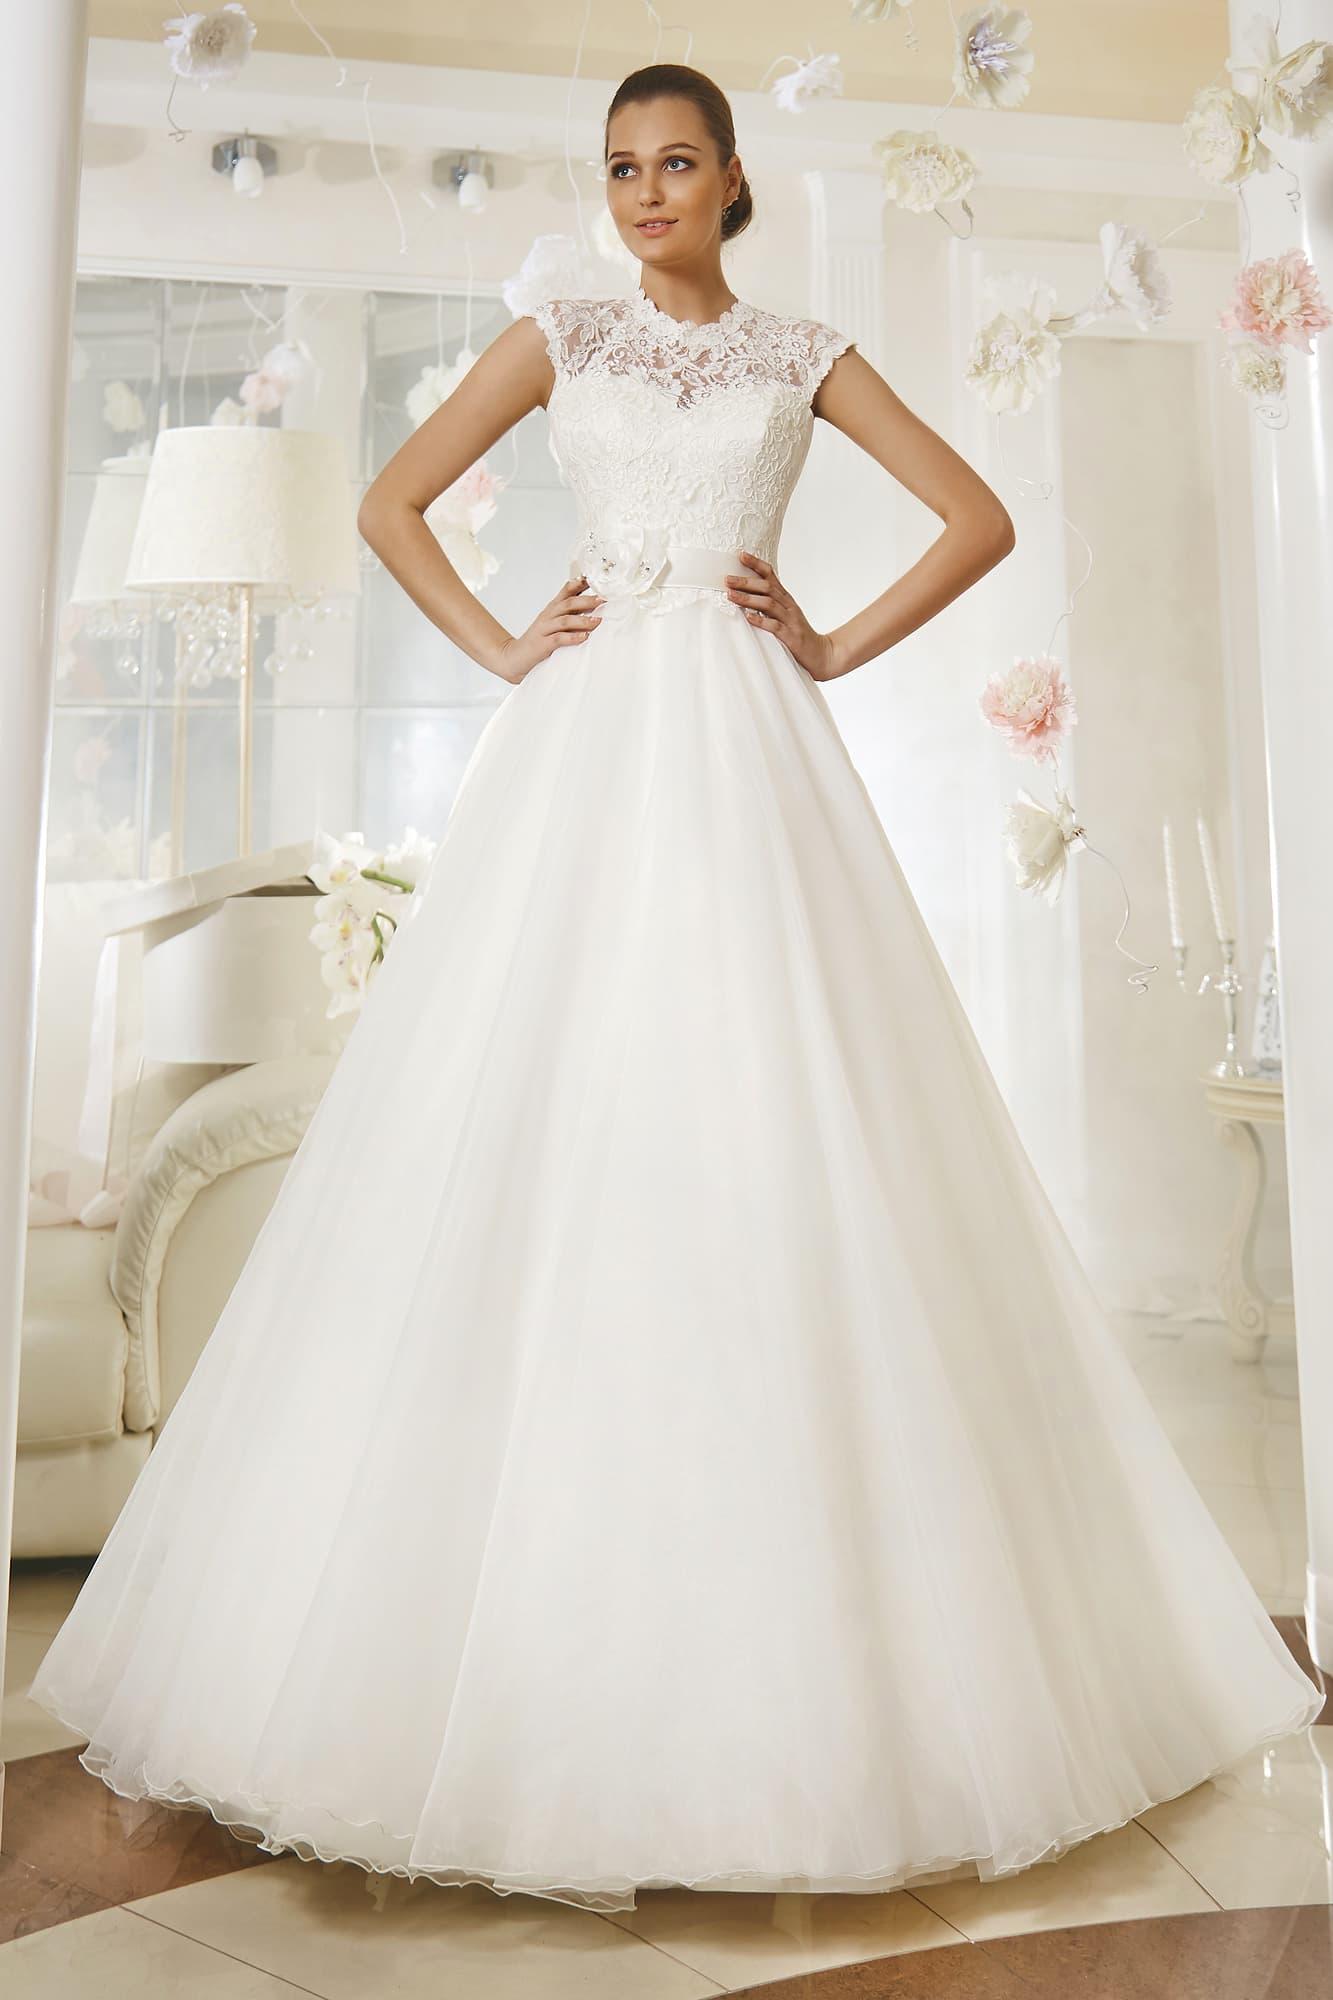 Свадебное платье с кружевным верхом, украшенным бутонами поясом и юбкой  А-силуэта. 8cf85121e7b